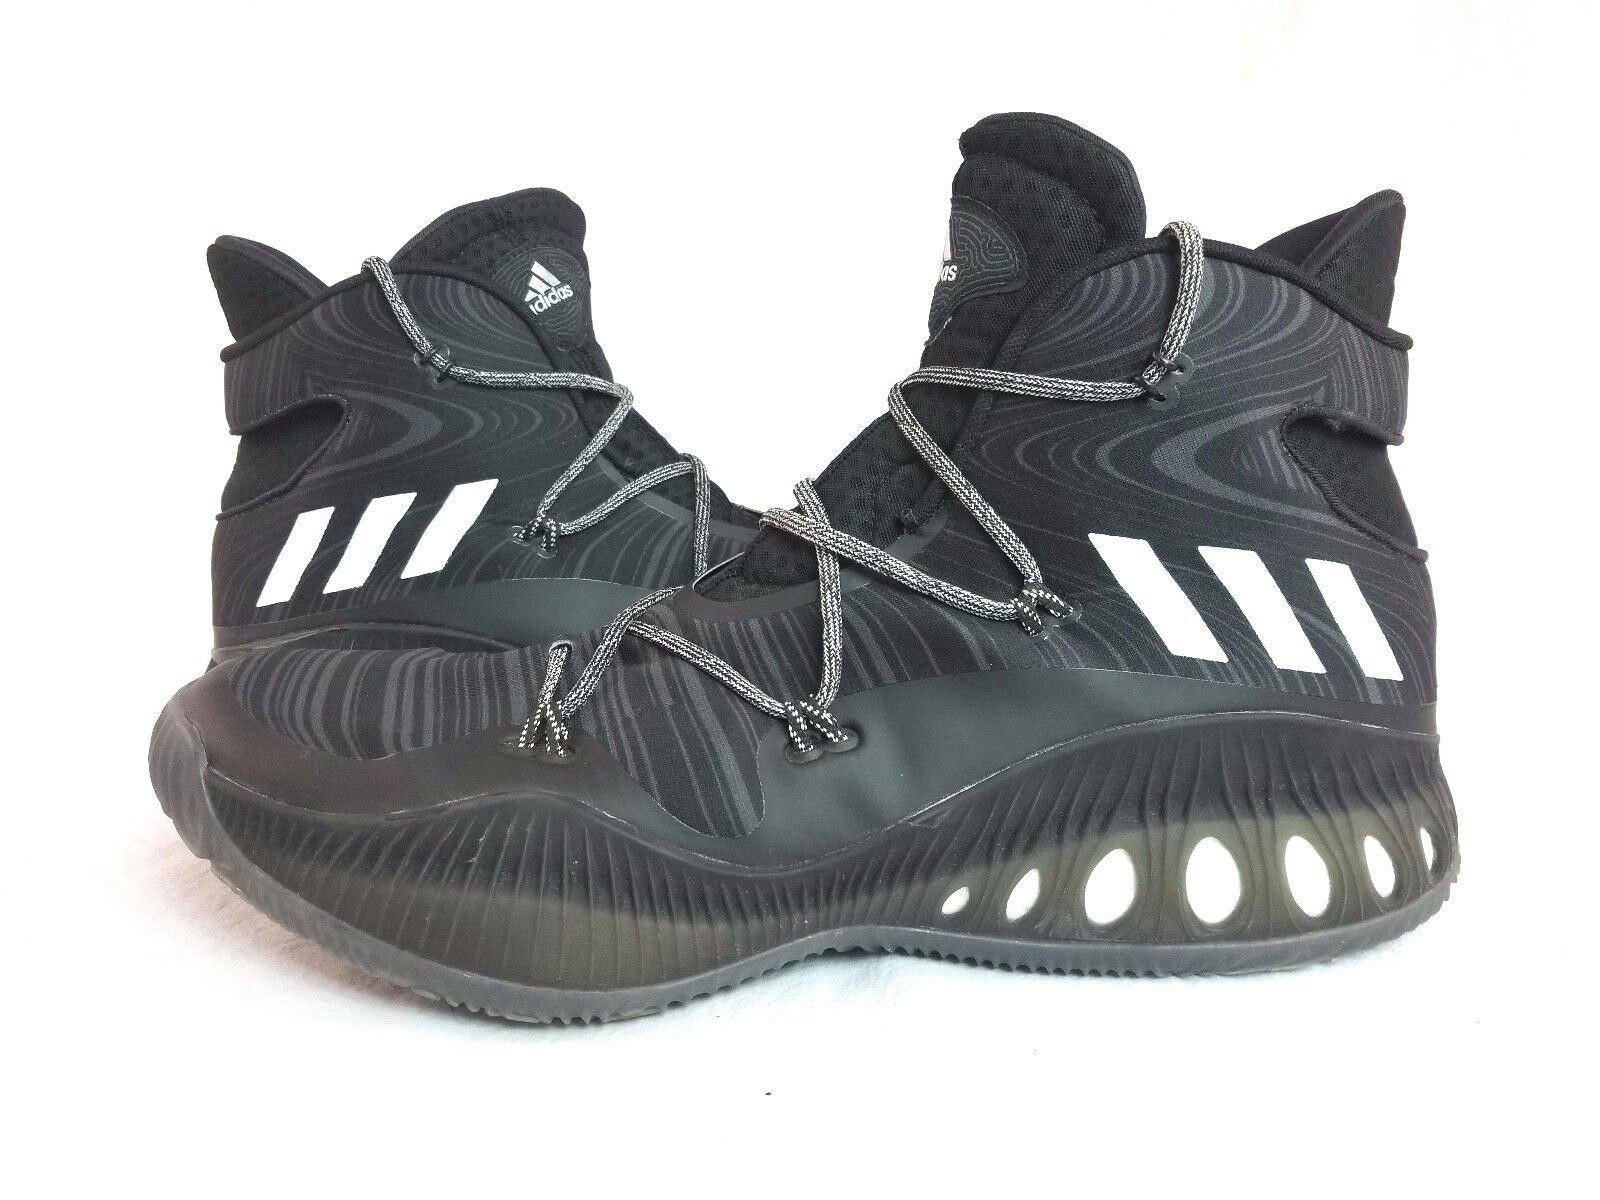 adidas fou fou fou explosif basket haut noir chaussures baskets b42421 sz 17   Outlet Store En Ligne  265adb